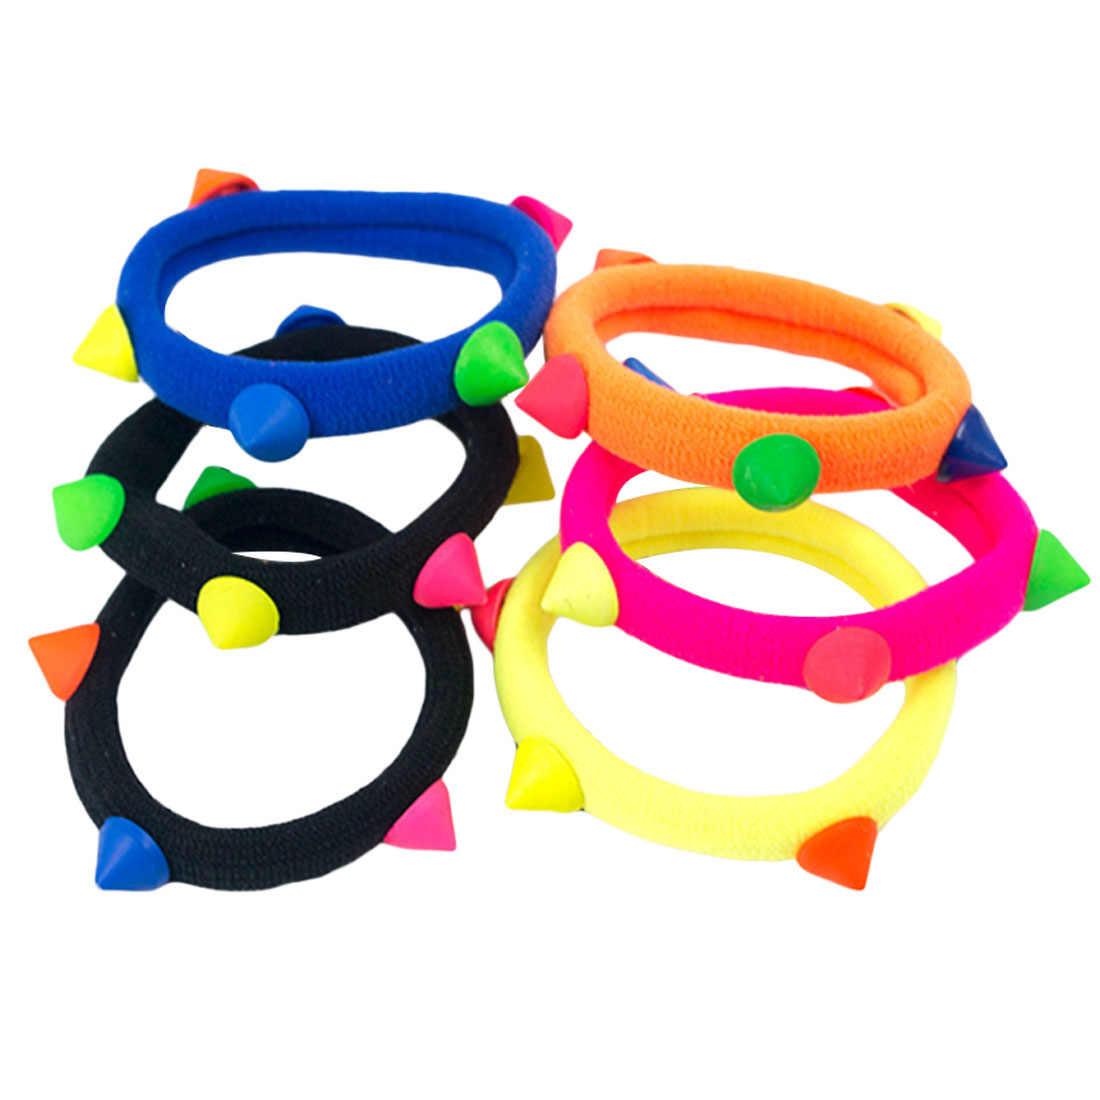 20 шт./партия, яркие флуоресцентные цветные эластичные резинки для волос для девочек, резинка для волос, аксессуары для волос, кольца для волос